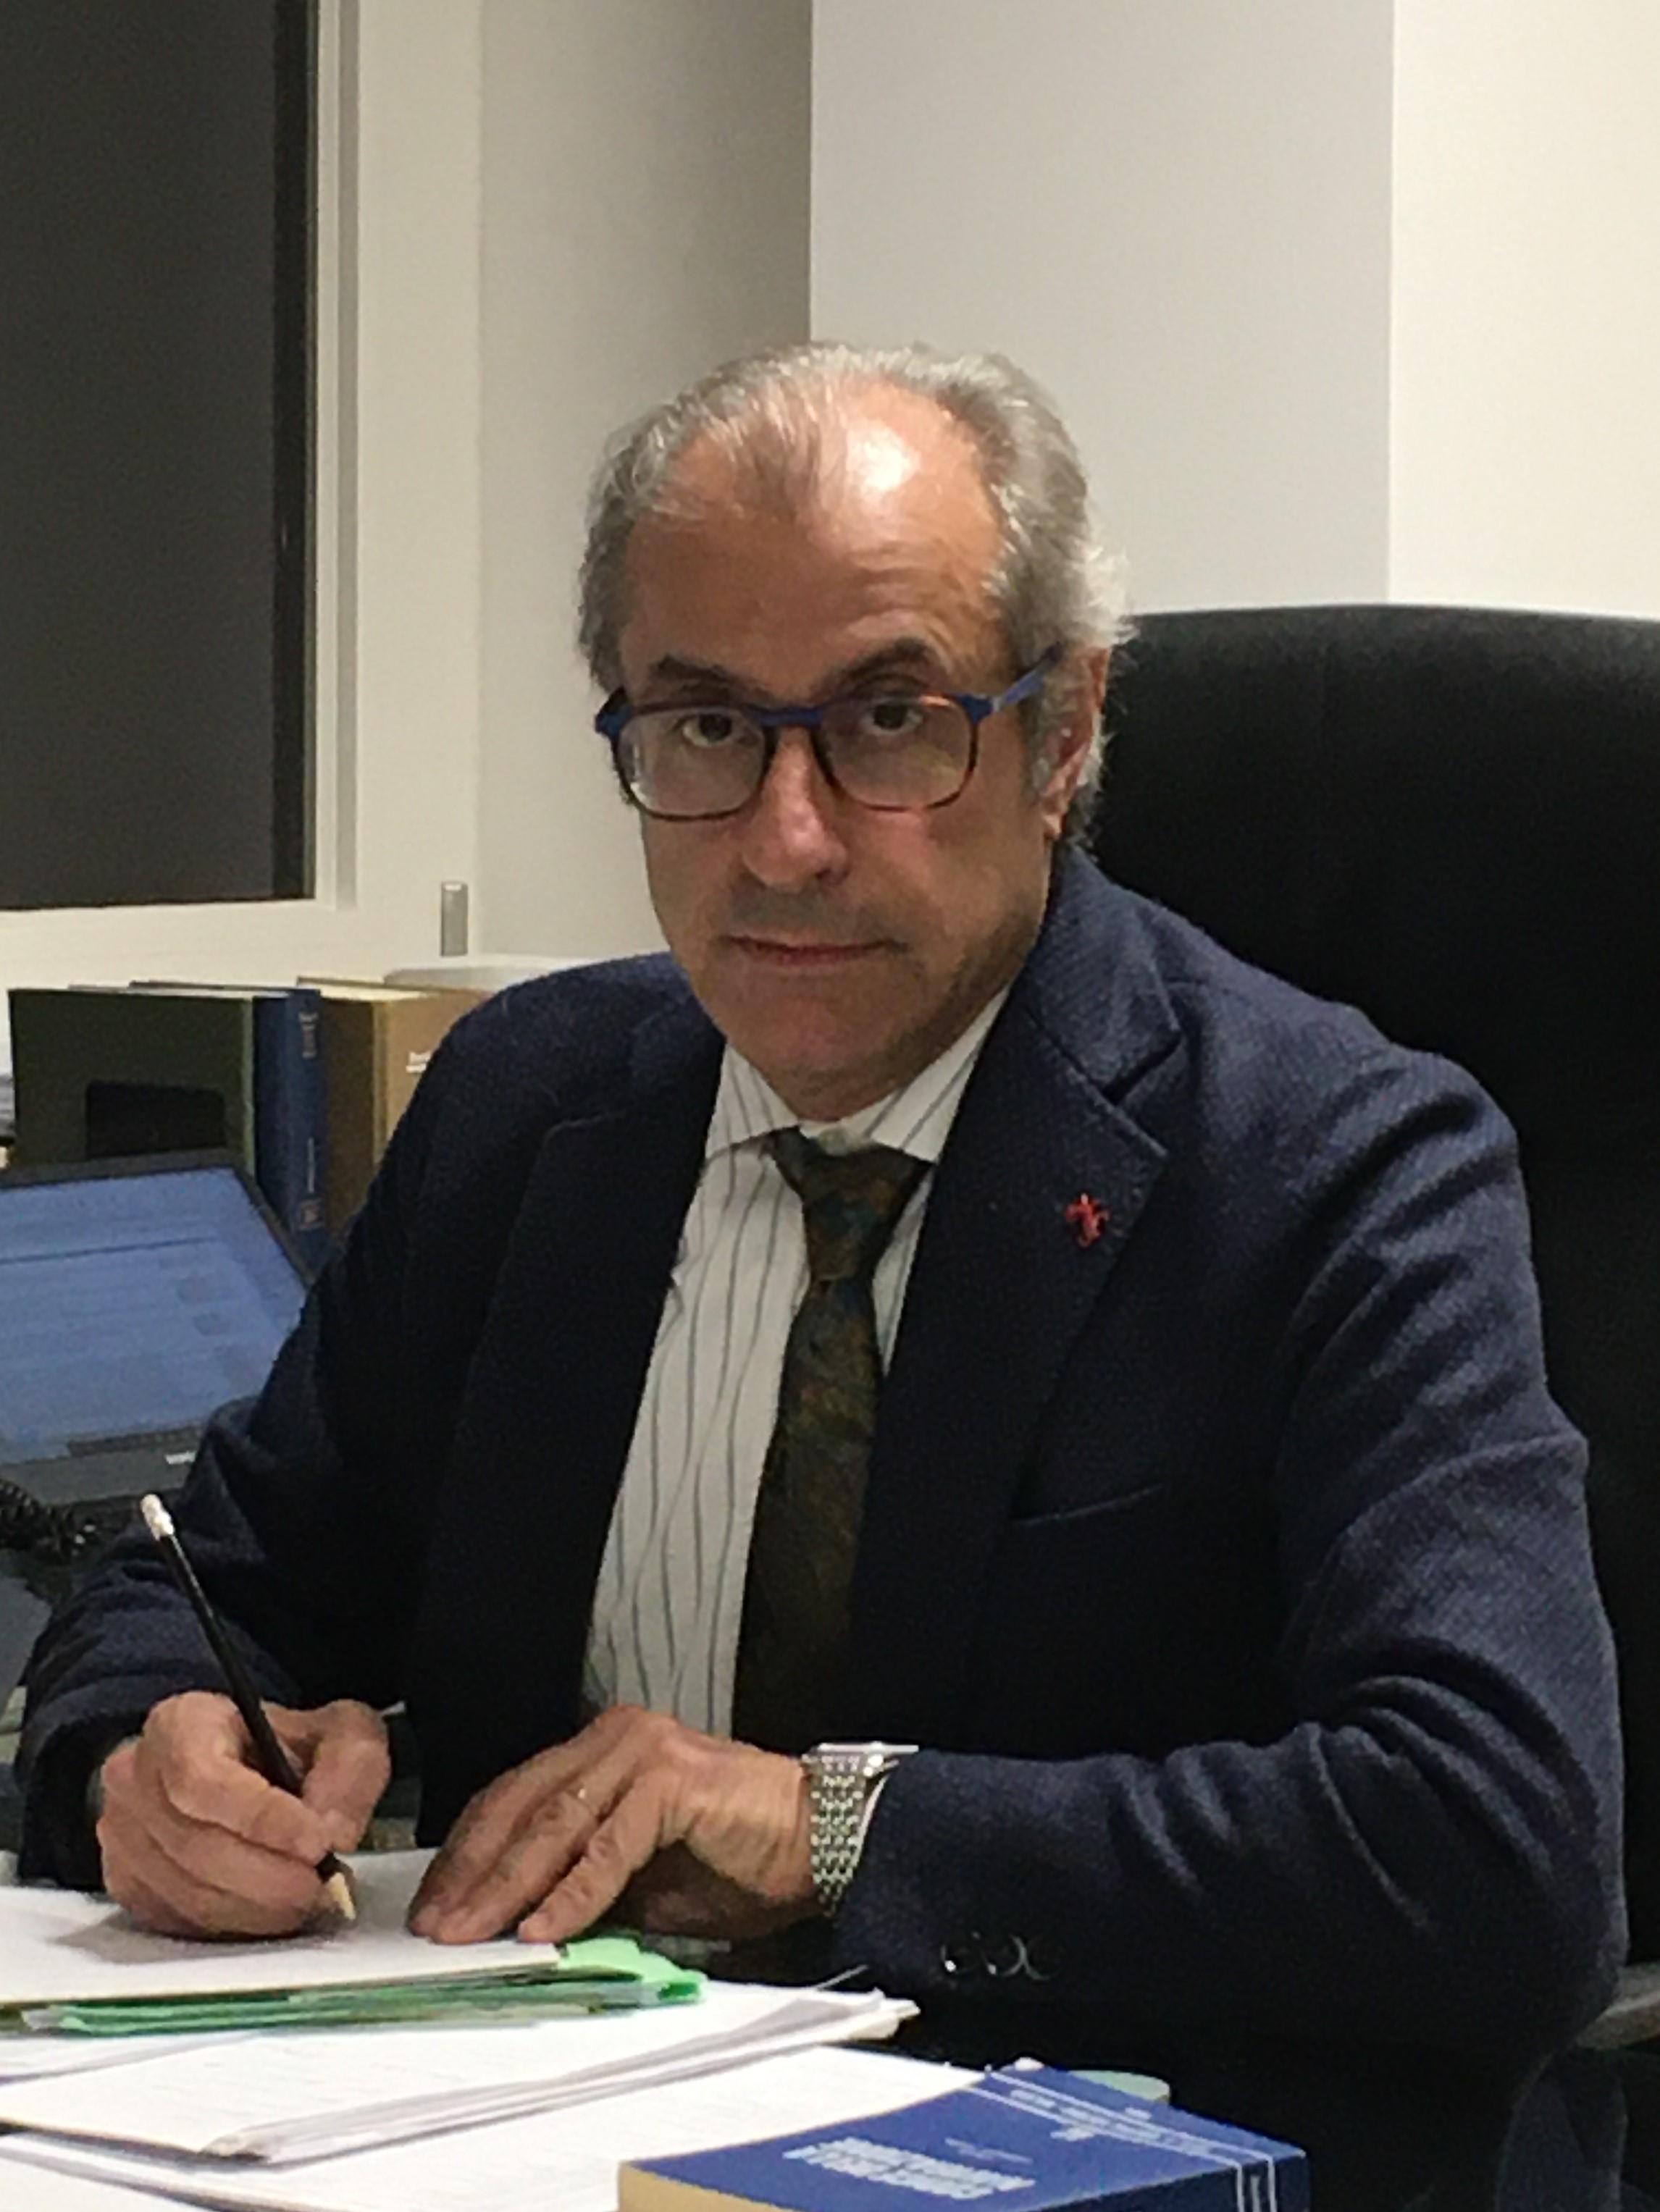 Foto profilo Dott. StefanoMiccio